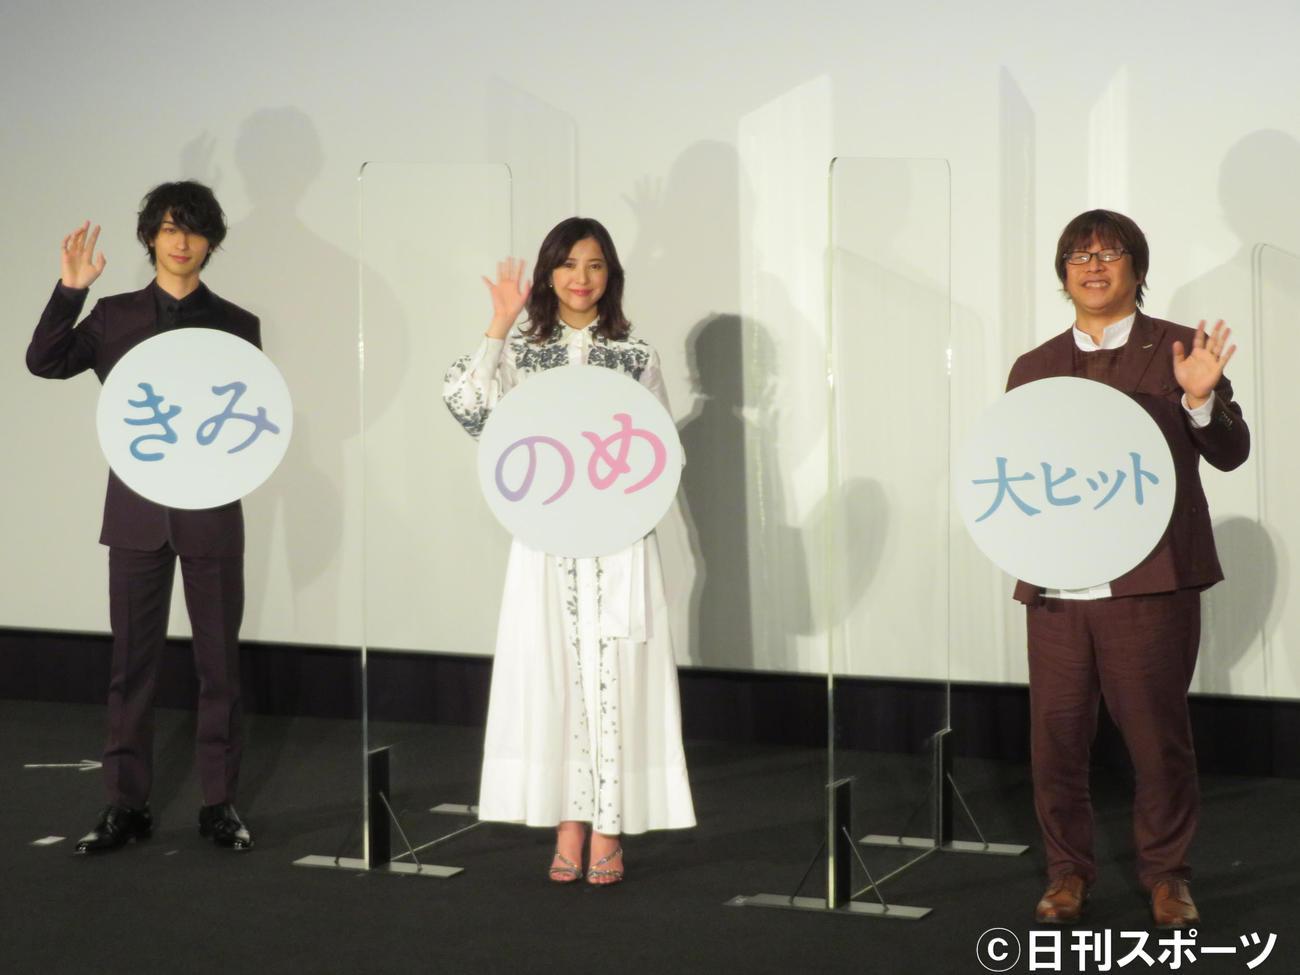 映画「きみの瞳が問いかけている」公開記念舞台あいさつに登壇した、左から横浜流星、吉高由里子、三木孝浩監督(撮影・村上幸将)